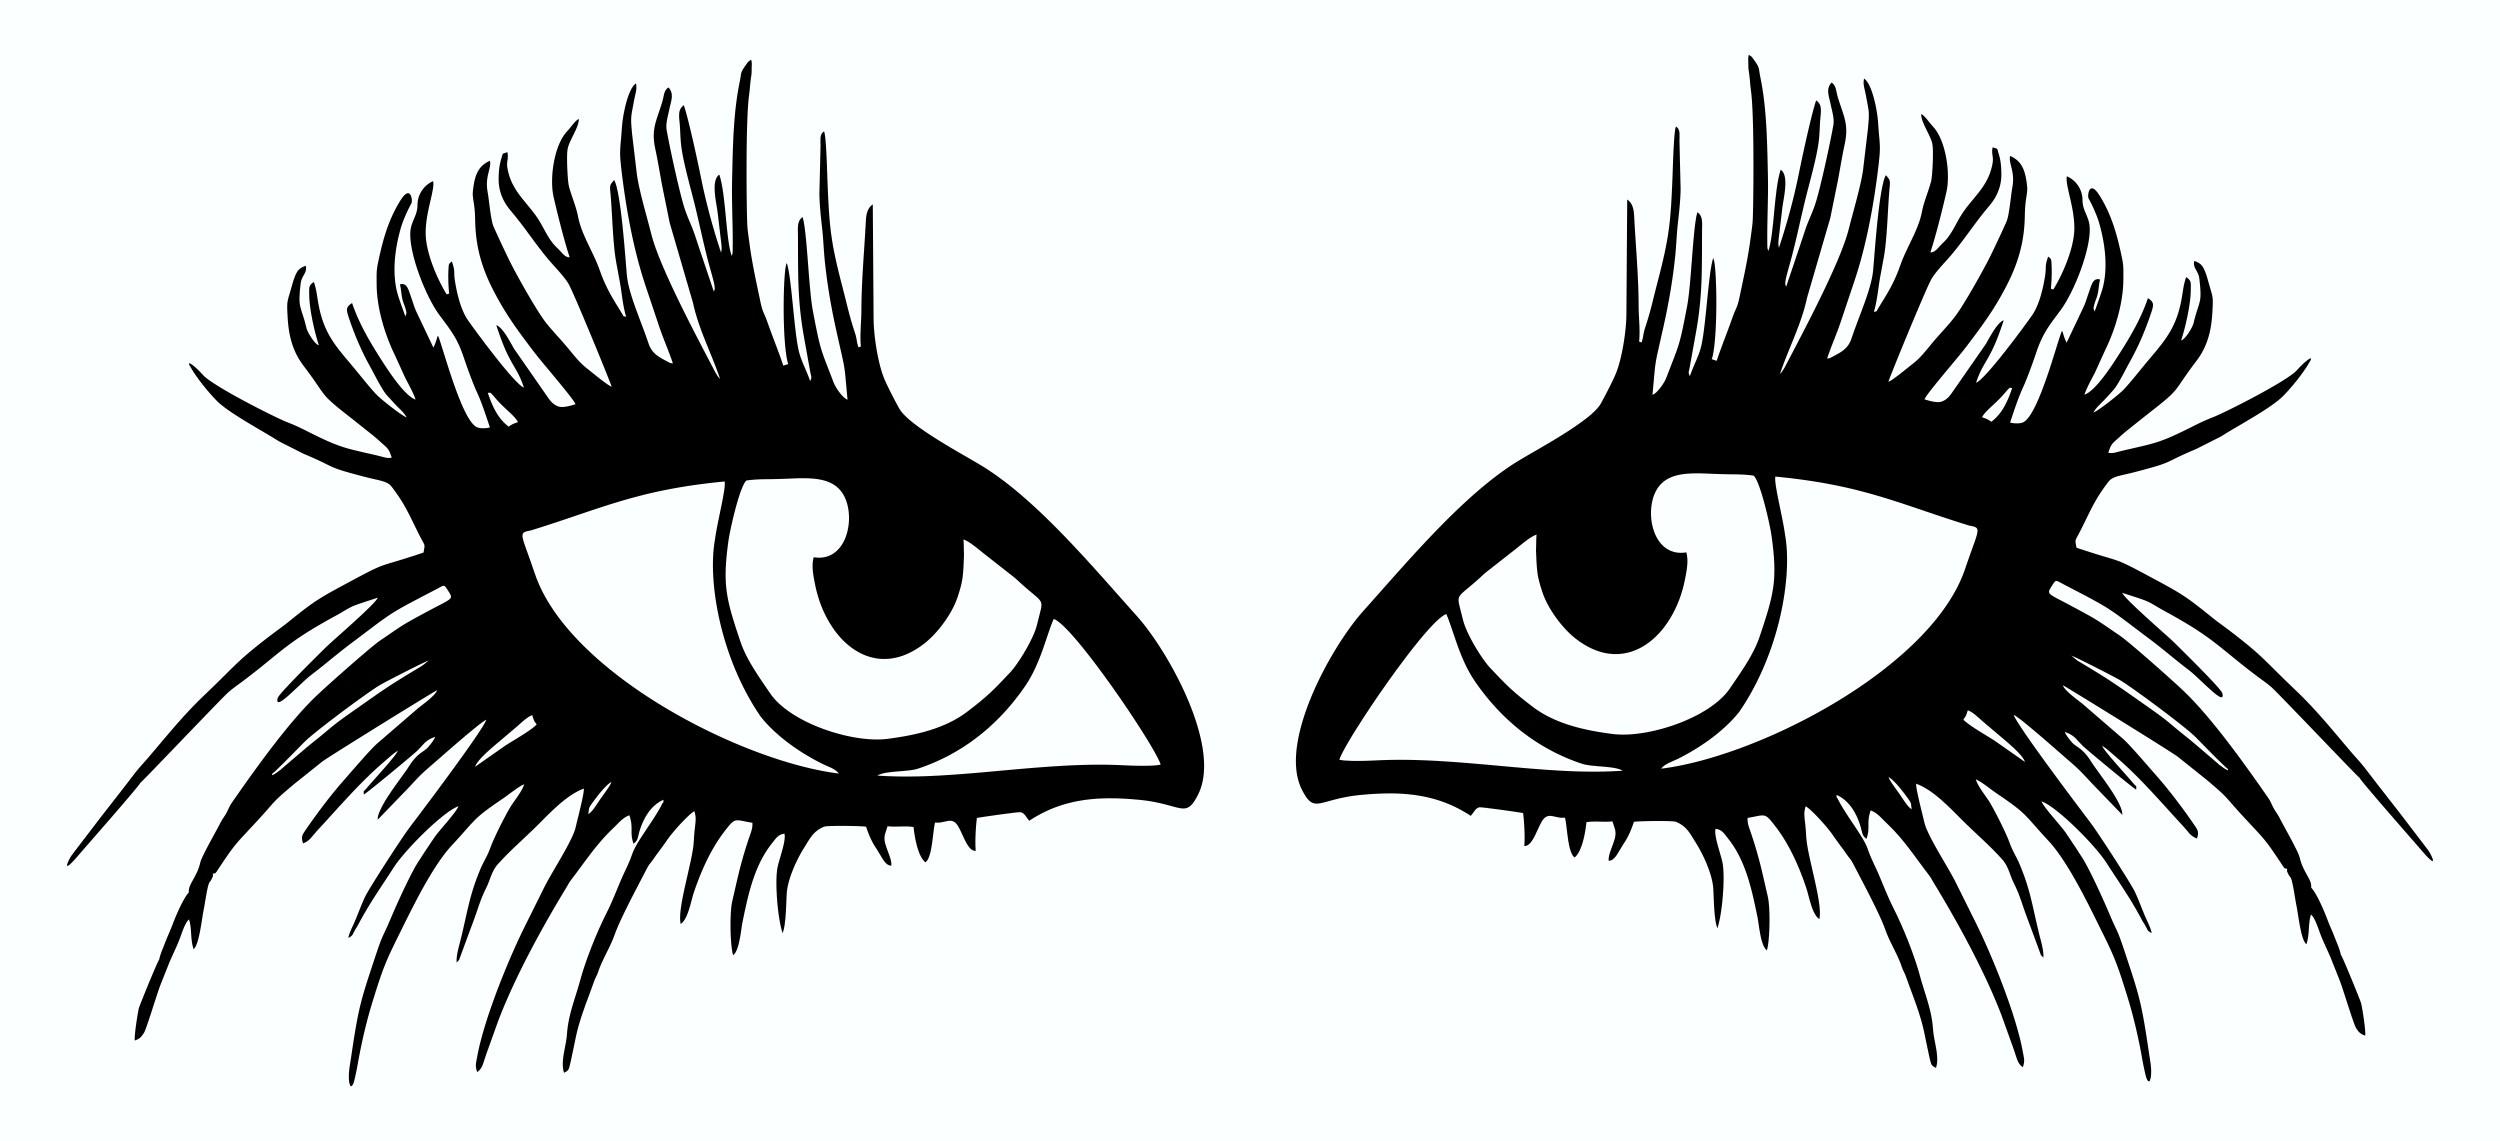 Autocollant mauvais œil set de 2 droite/gauche 140 x 220 mm – Bild 1